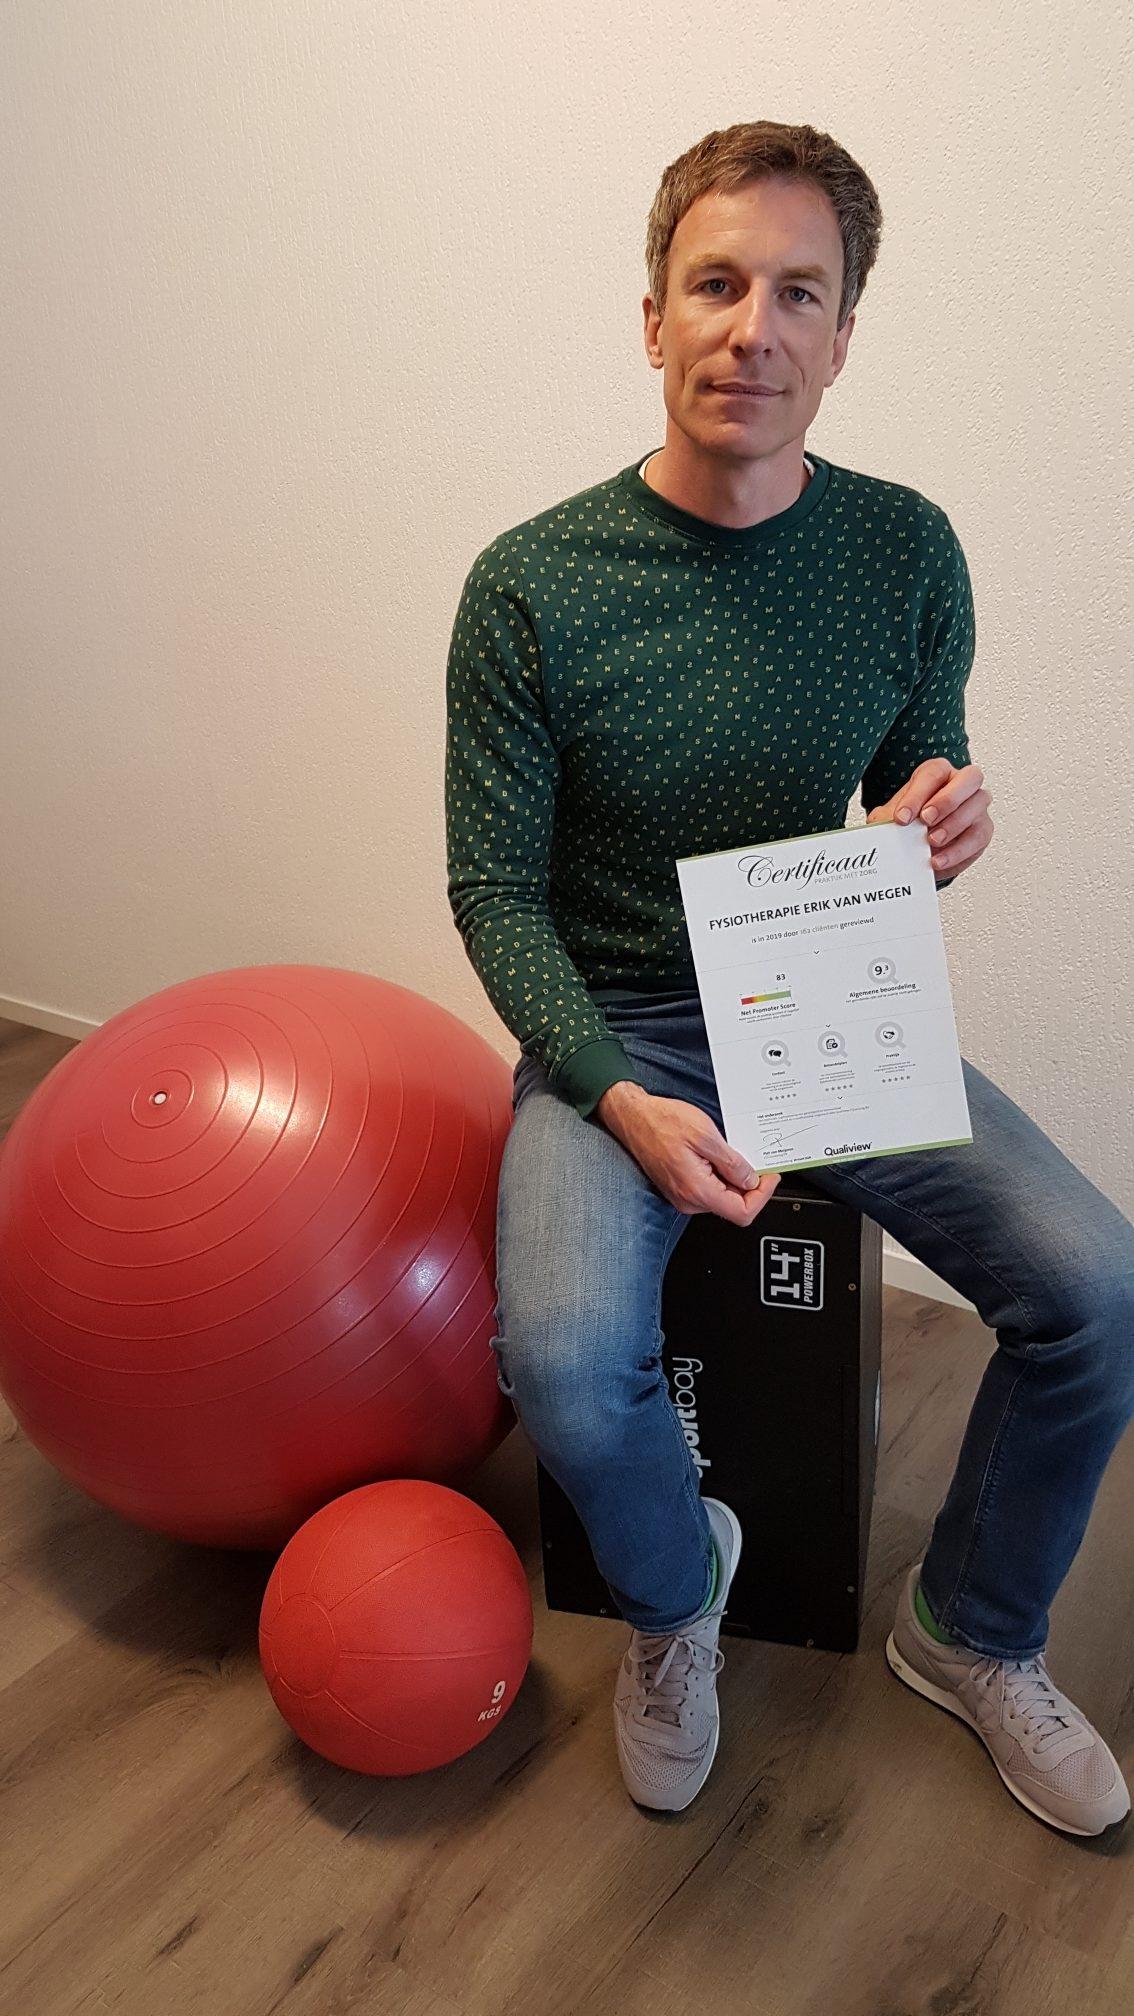 Fysiotherapie Erik van Wegen scoort 9.3